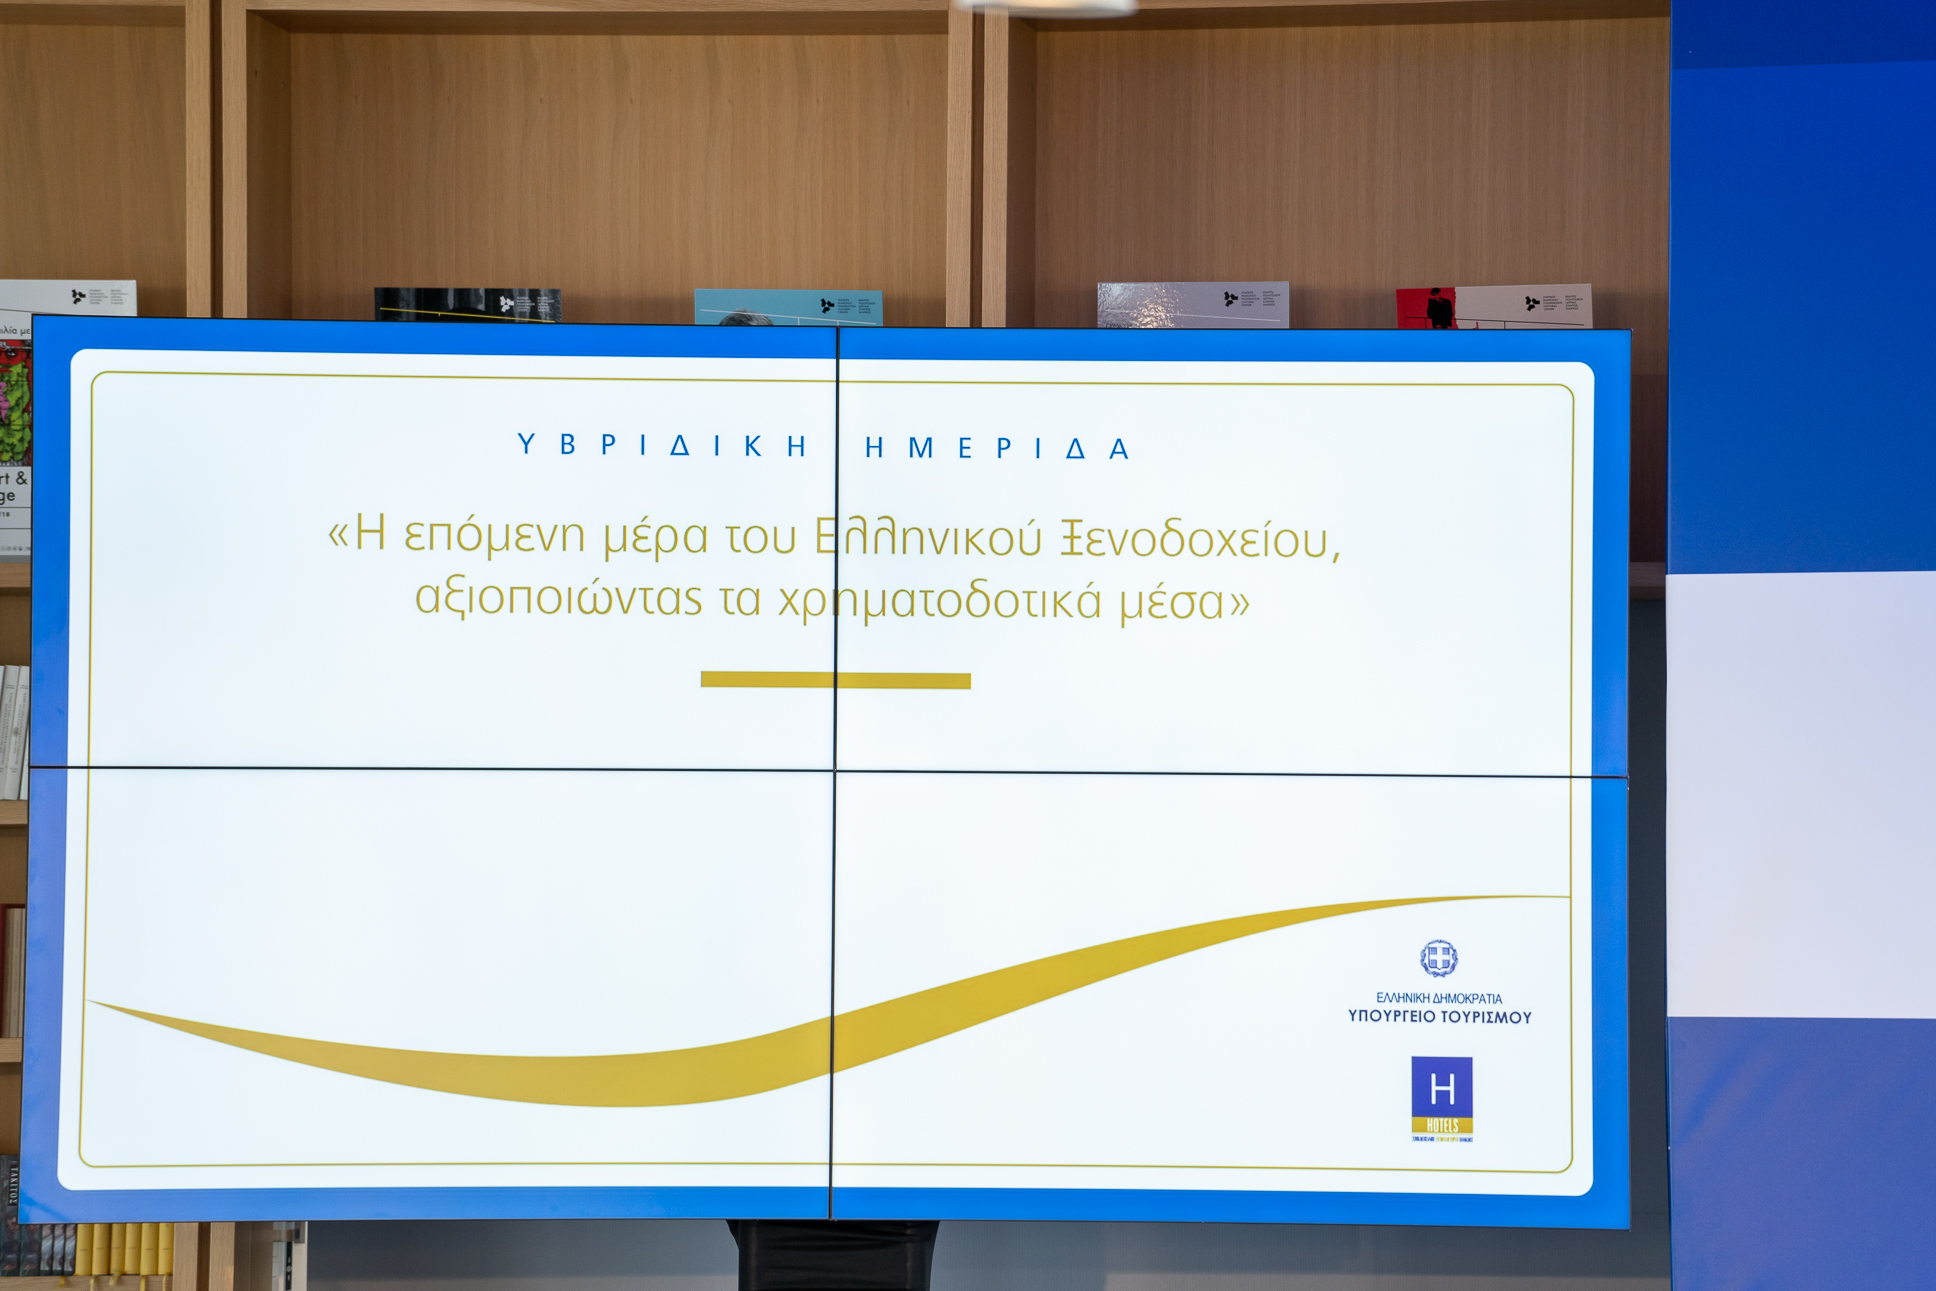 Η Επόμενη Μέρα του Ελληνικού Ξενοδοχείου, αξιοποιώντας τα Χρηματοδοτικά Μέσα